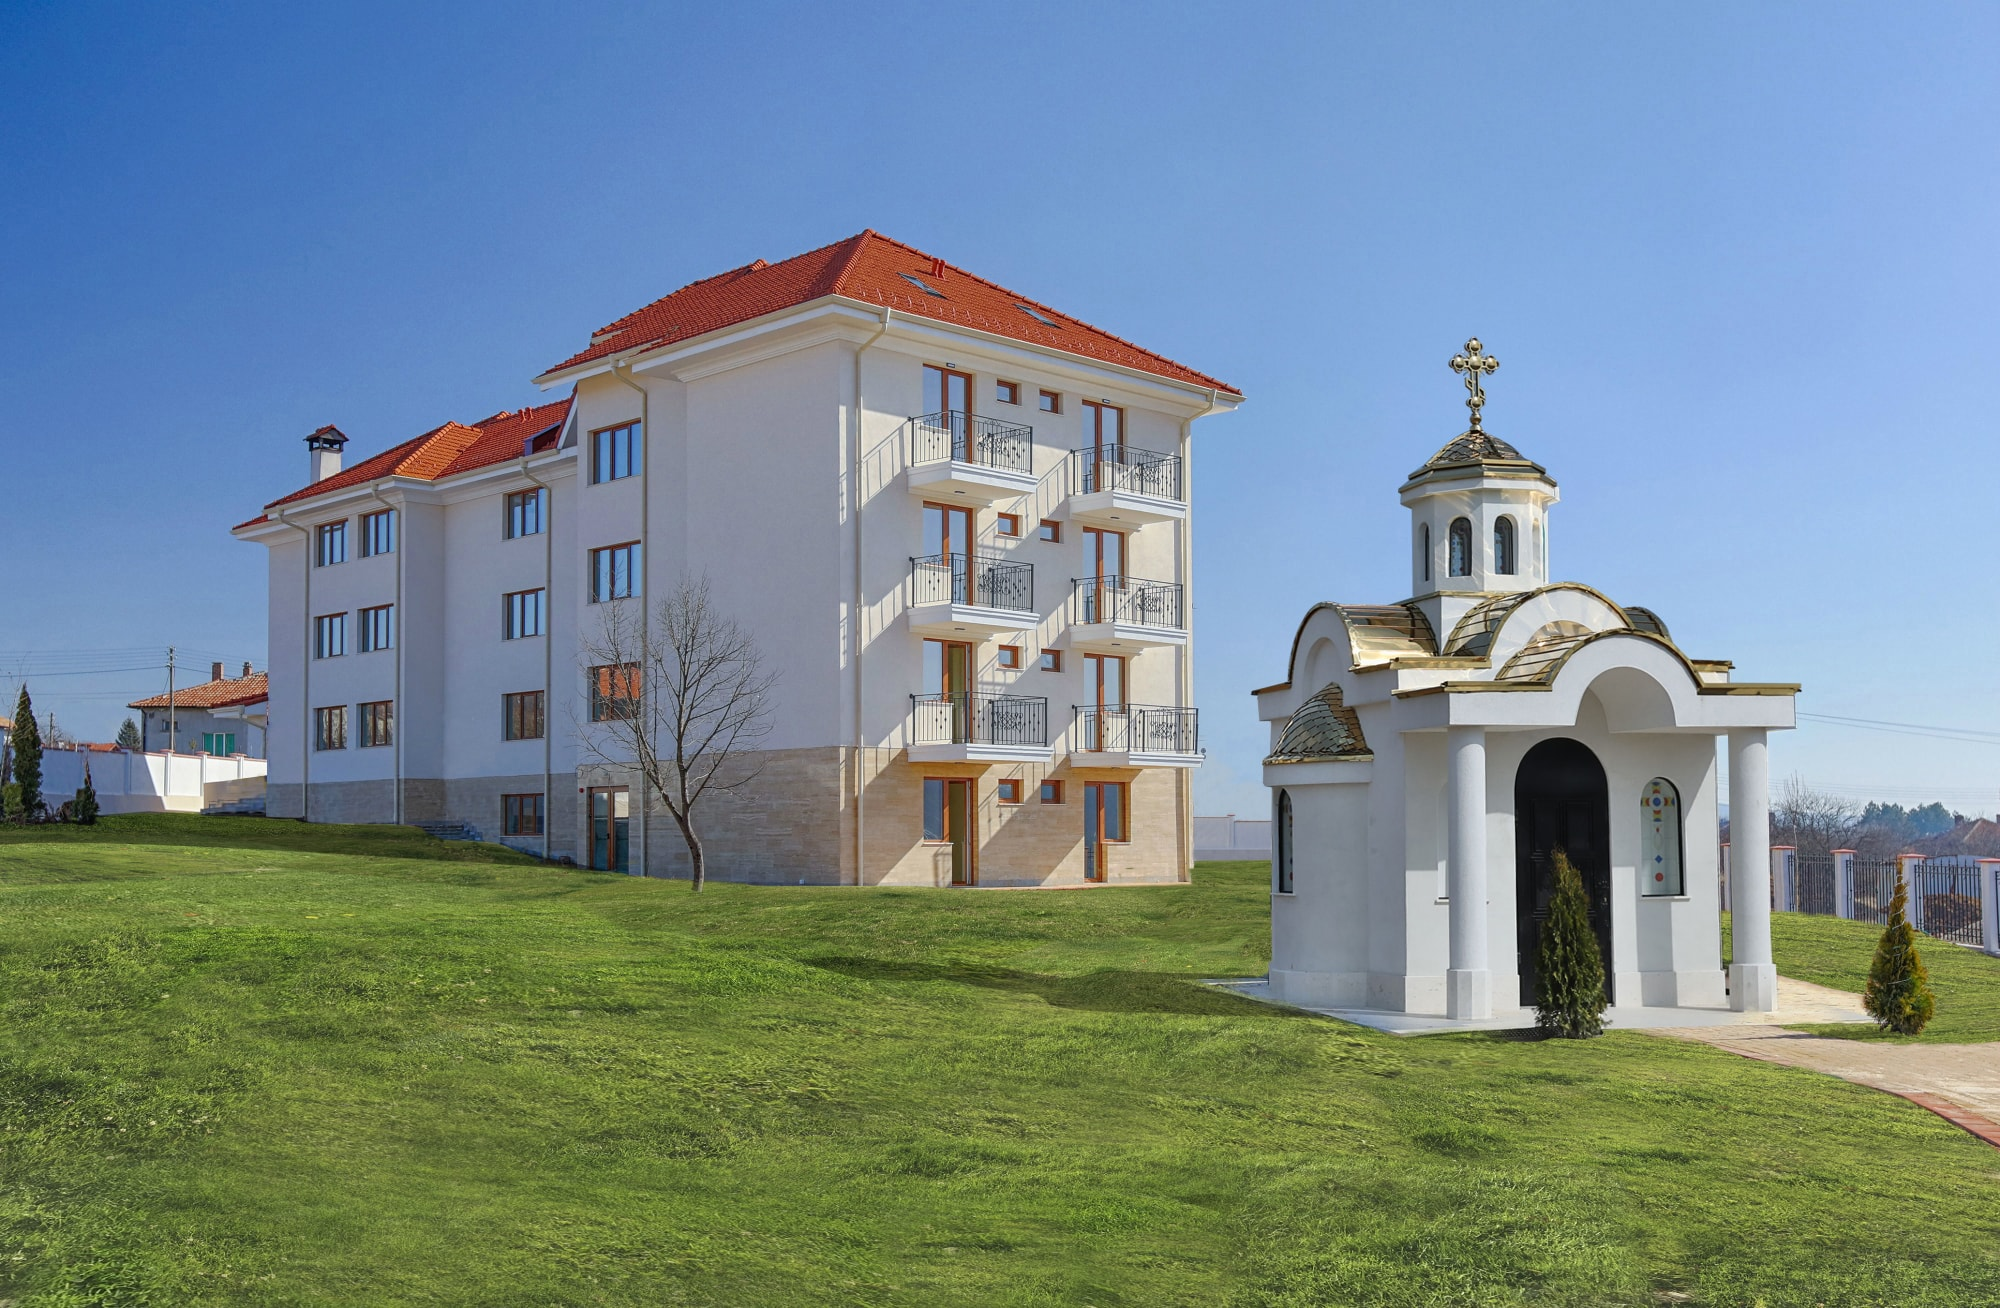 Altenpflegeheim St. Georg